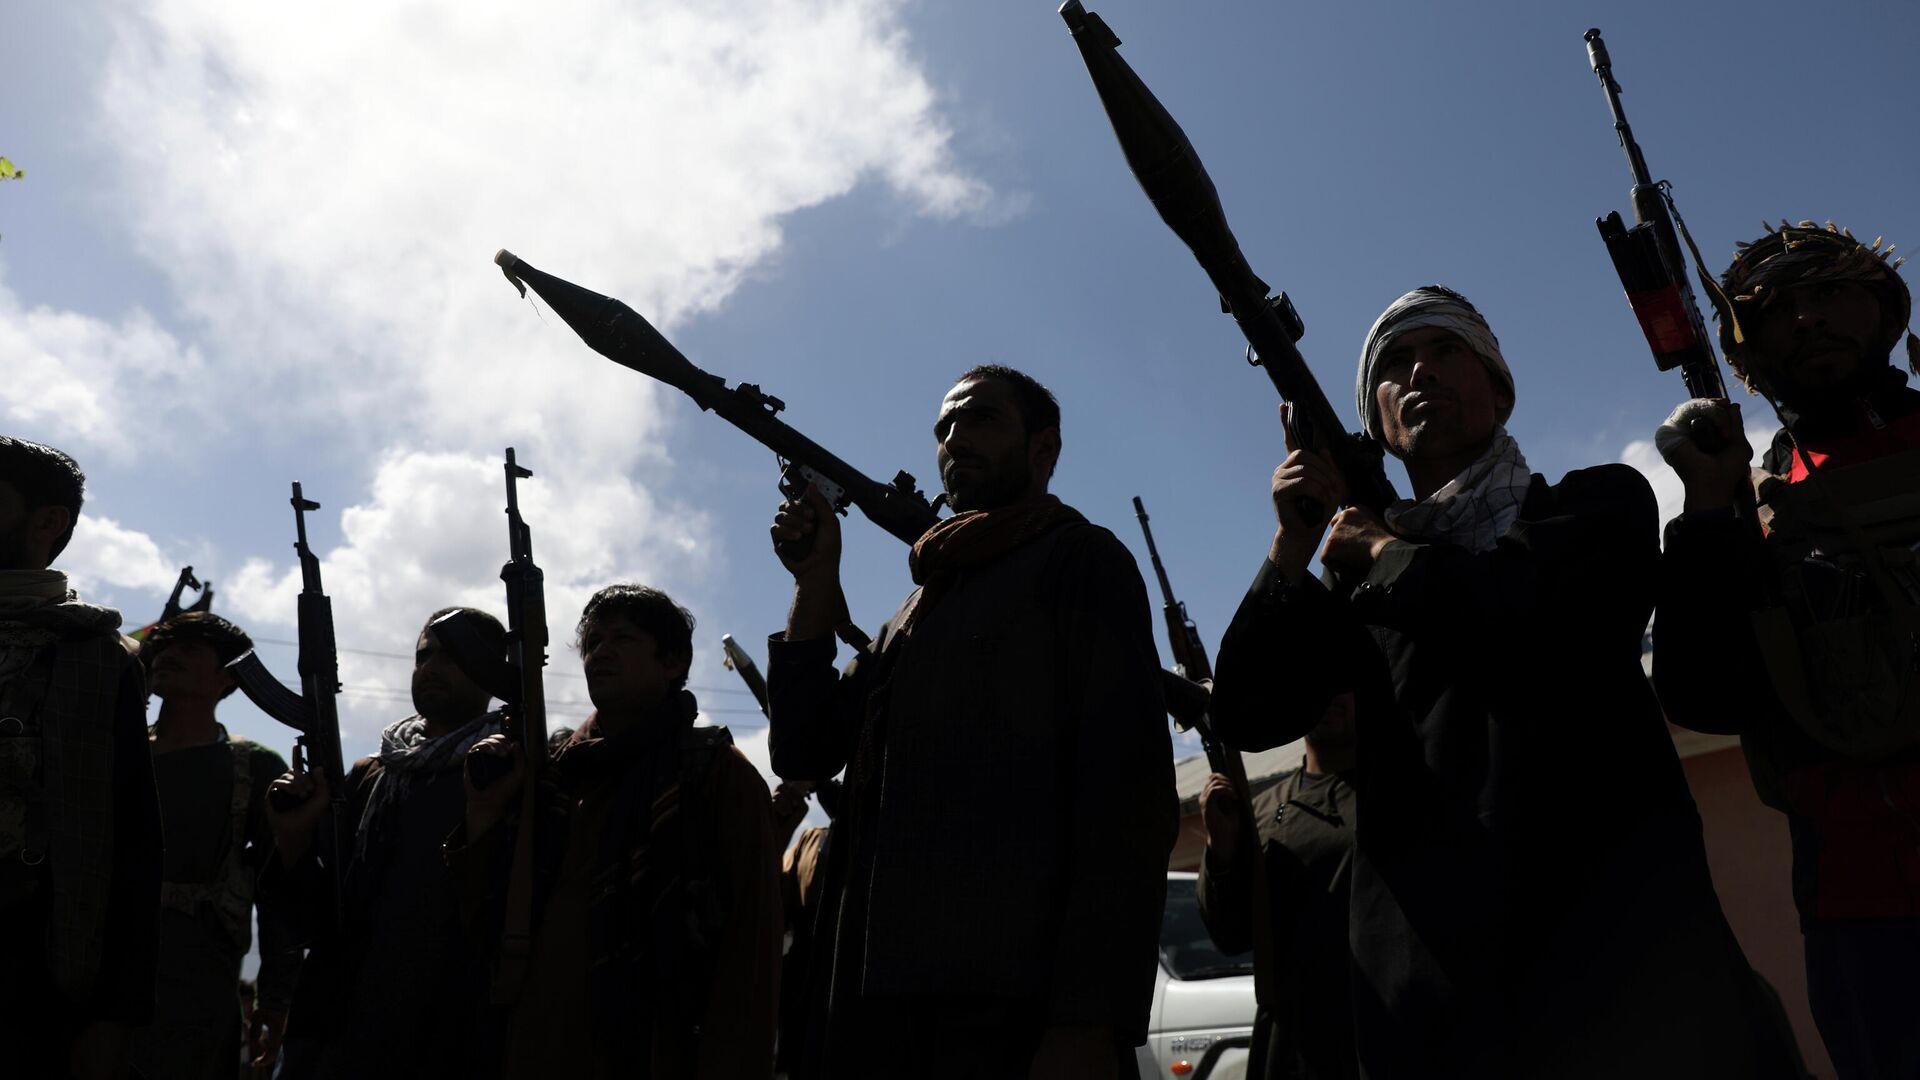 Афганские ополченцы присоединяются к силам обороны Афганистана в Кабуле - Sputnik Таджикистан, 1920, 12.08.2021